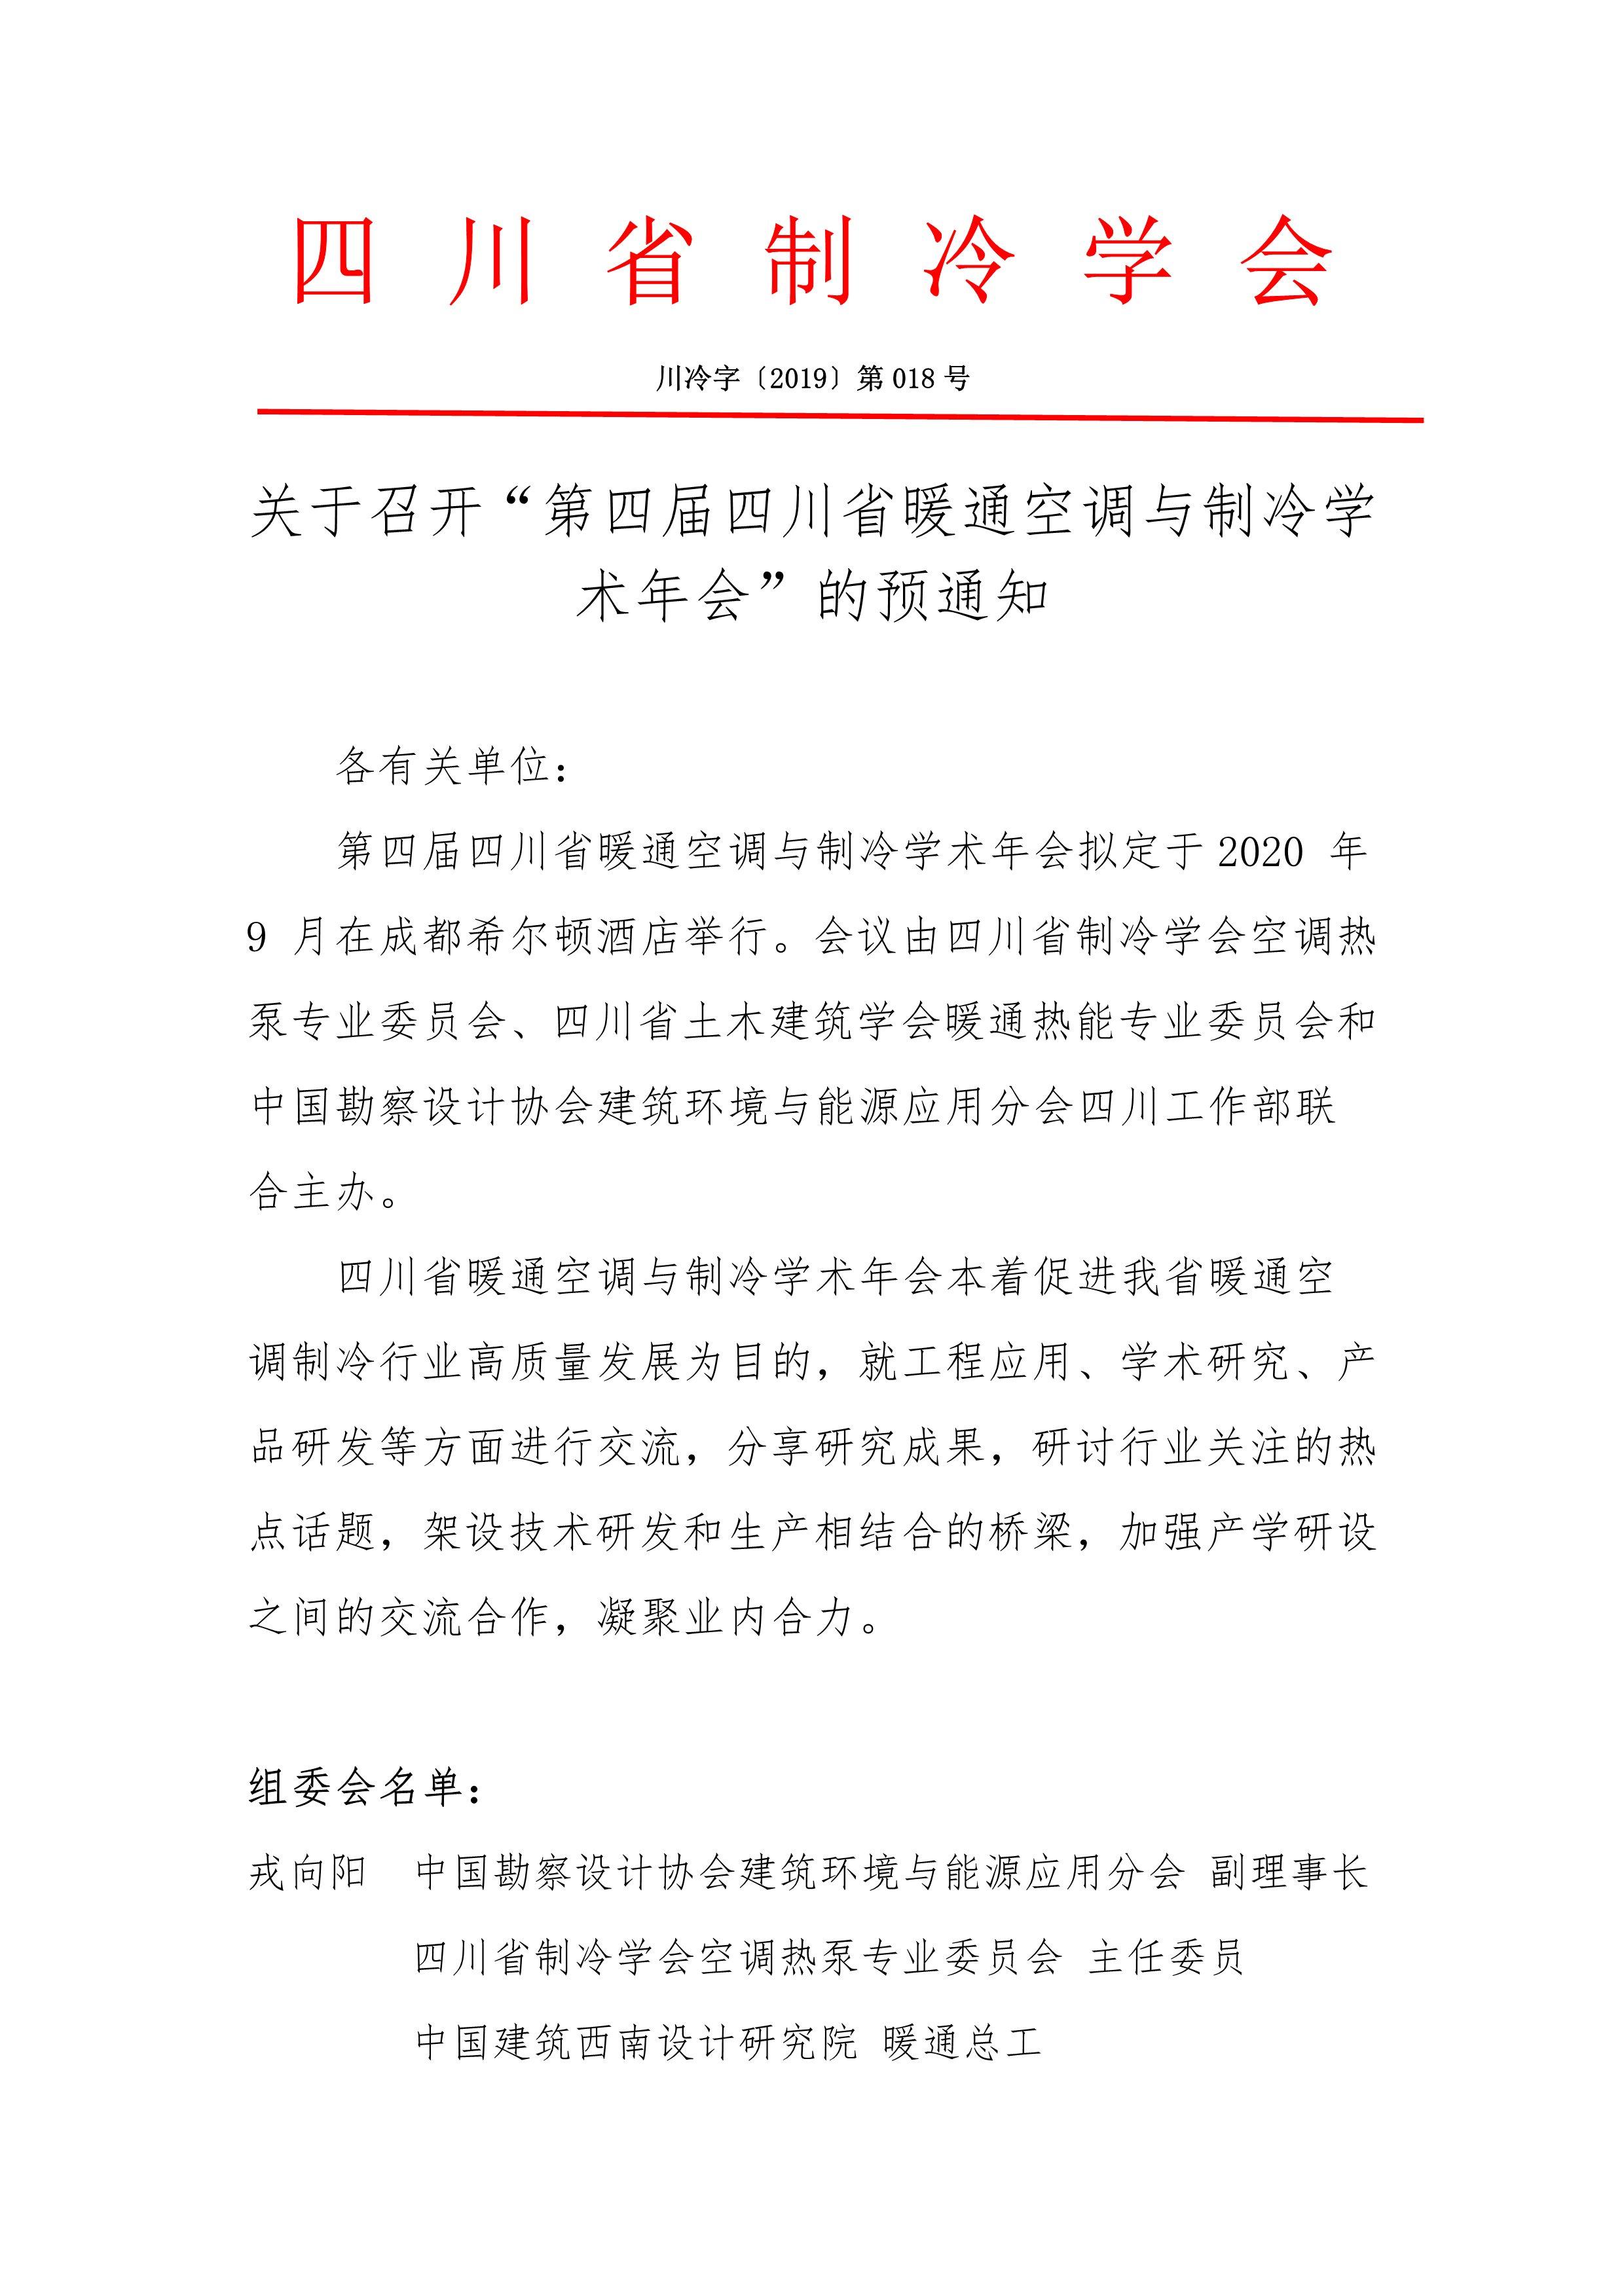 第四届四川省暖通空调与制冷学术年会预通知